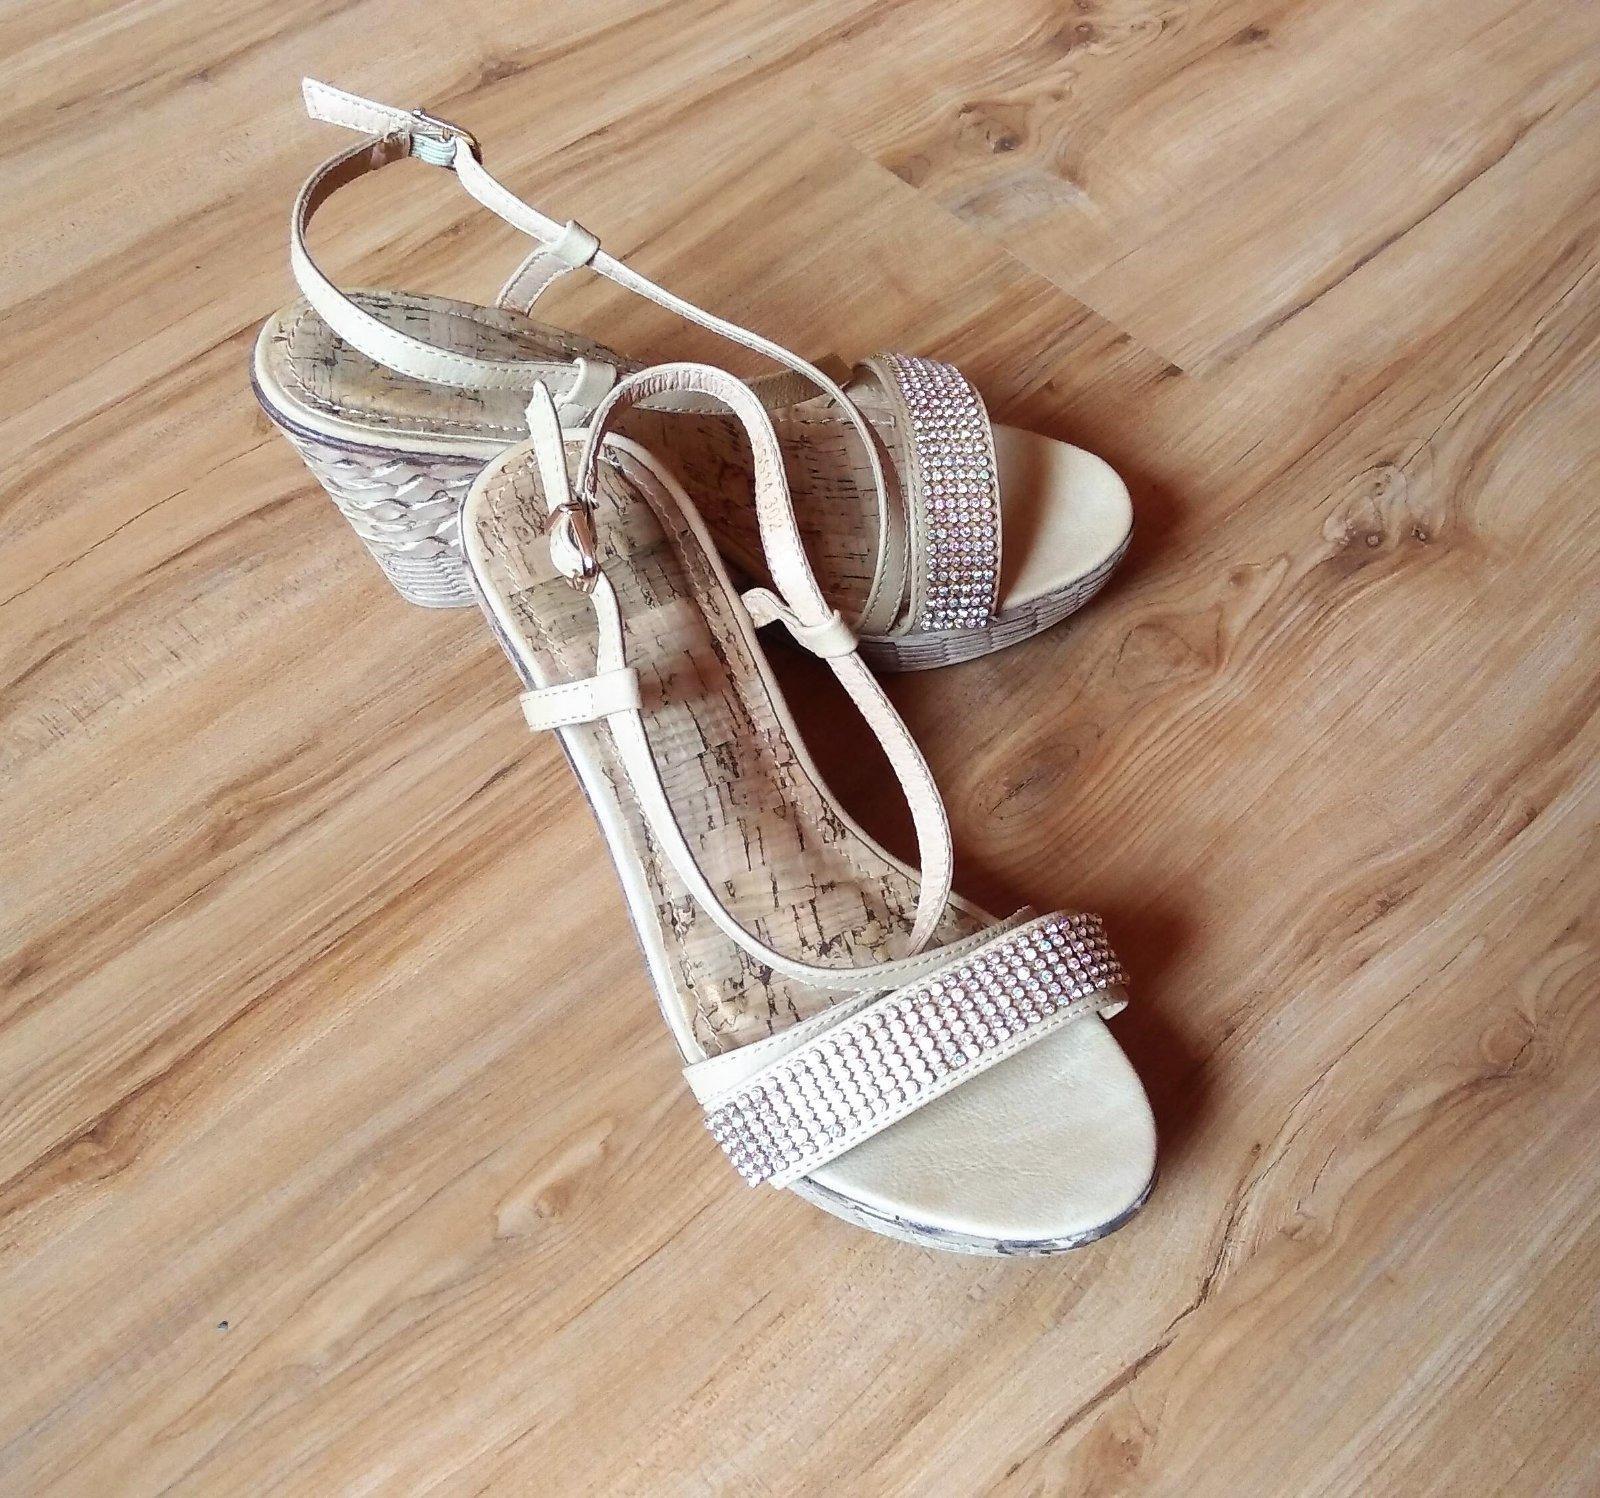 kamienkové sandálky na platforme - Obrázok č. 1